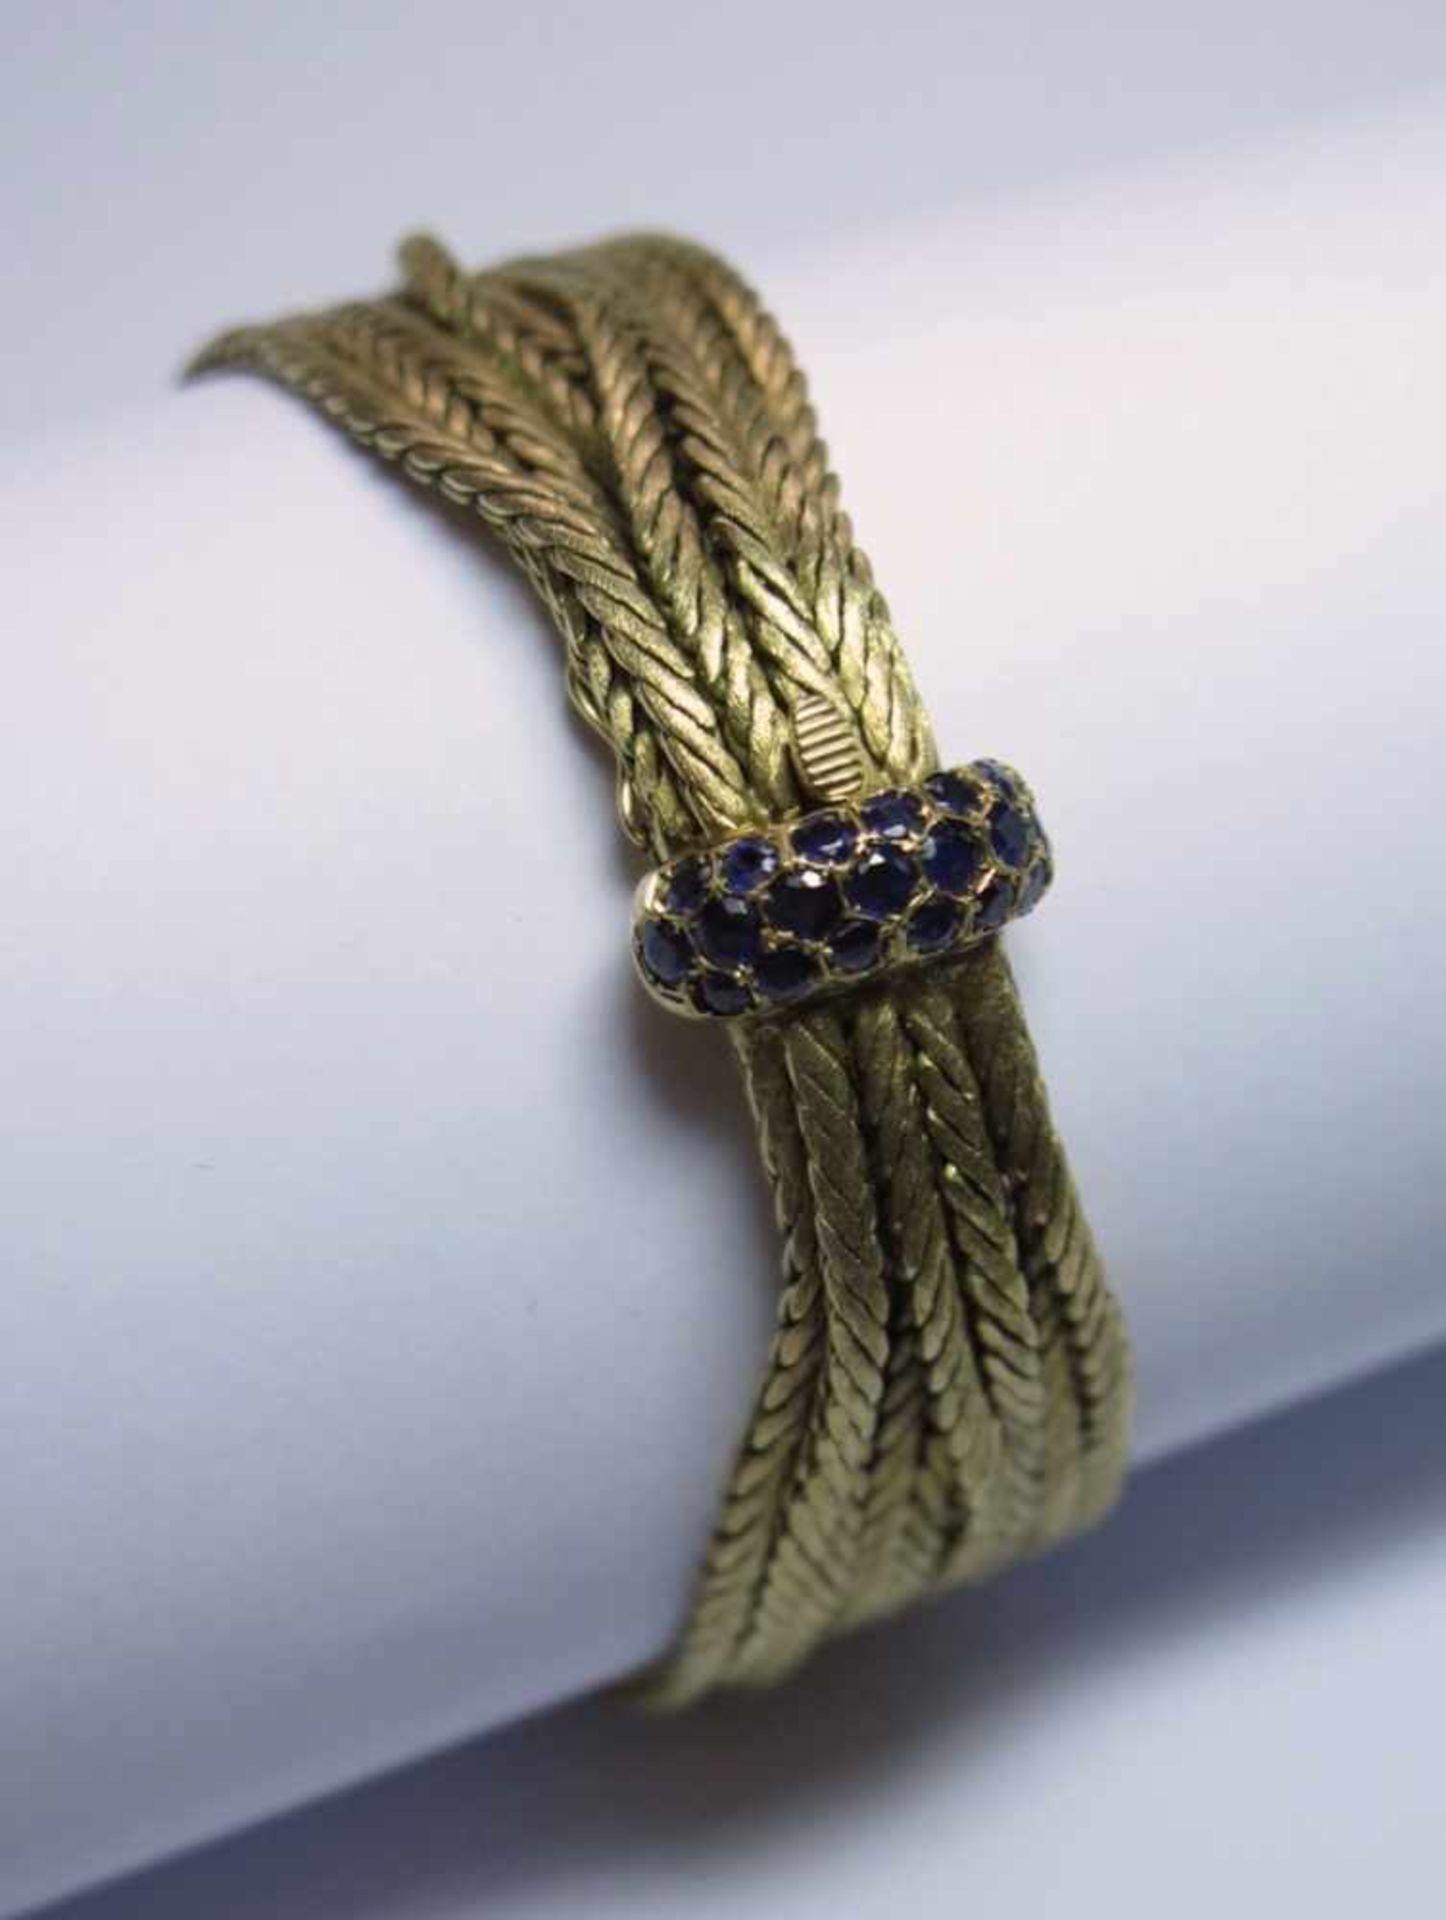 Bracelet en or jaune 750. Il est composé de sept chaînes torsadées à surface satinée. Le fermoir est